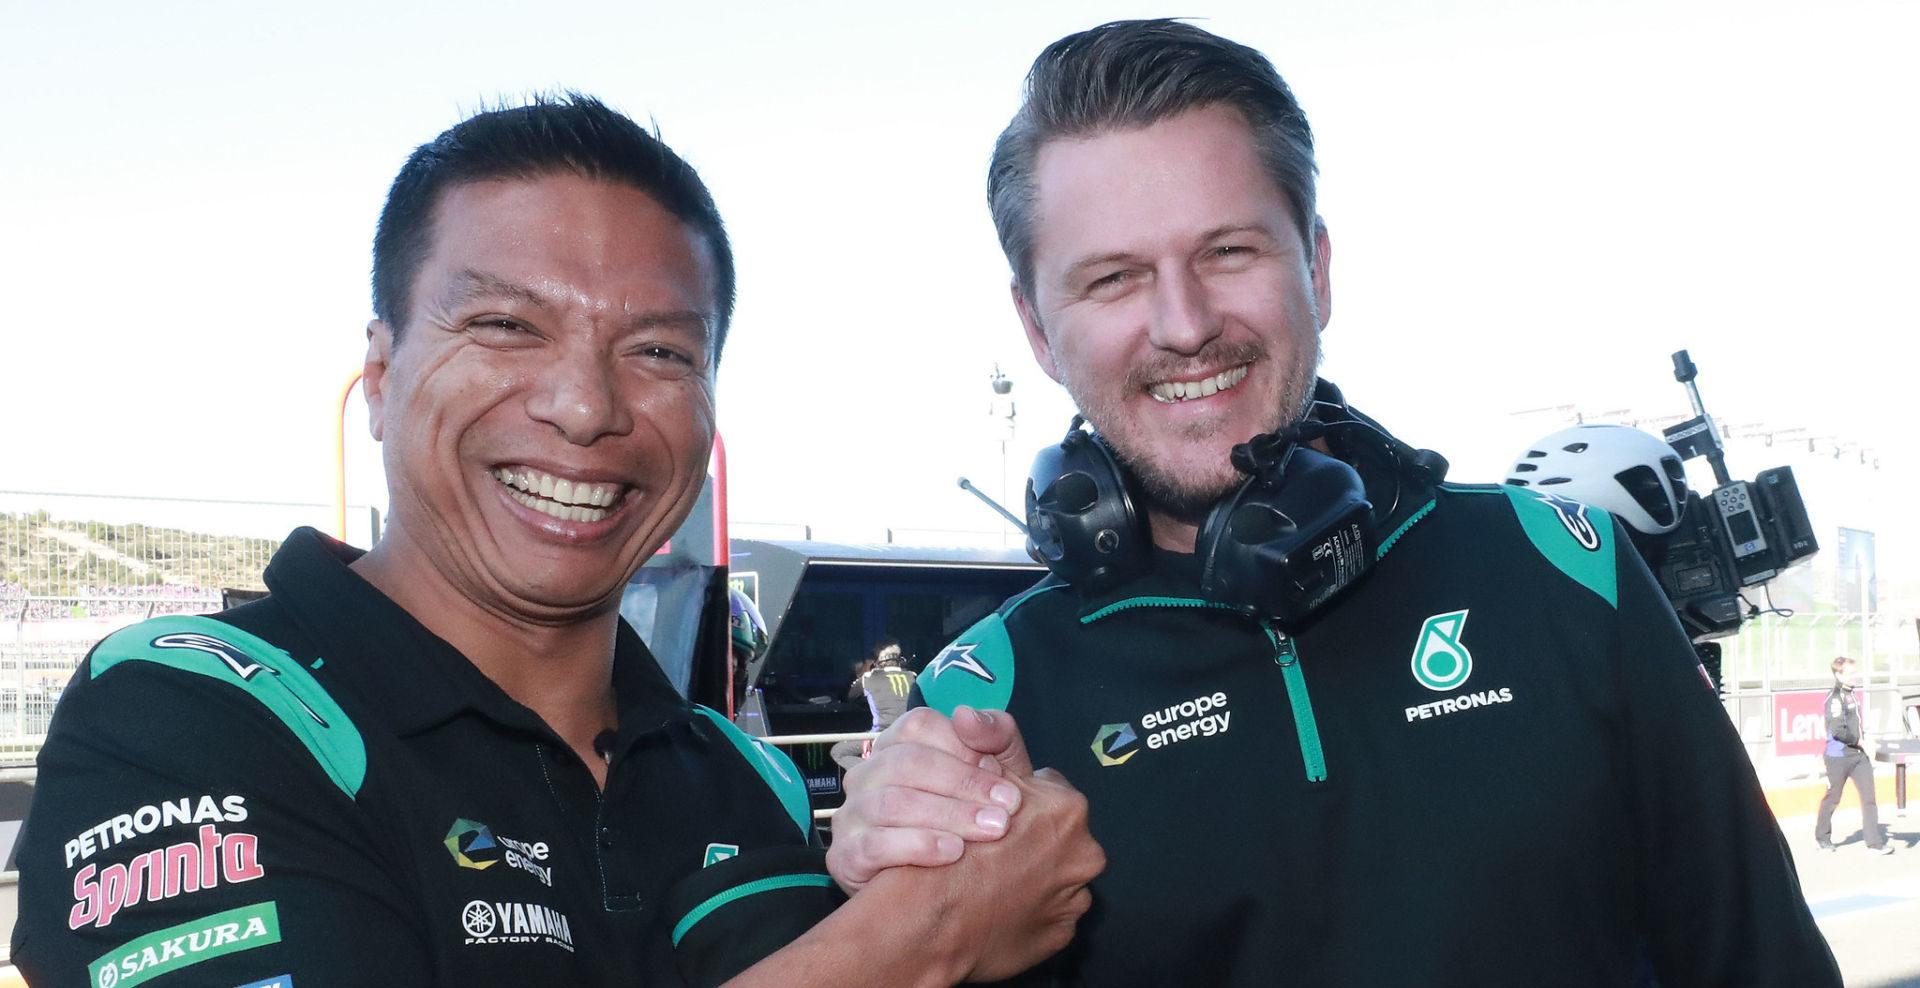 PETRONAS Yamaha Sepang Racing Team Principal Razlan Razali (left) and Team Director Johan Stigefelt (right). Photo courtesy of PETRONAS Yamaha SRT.